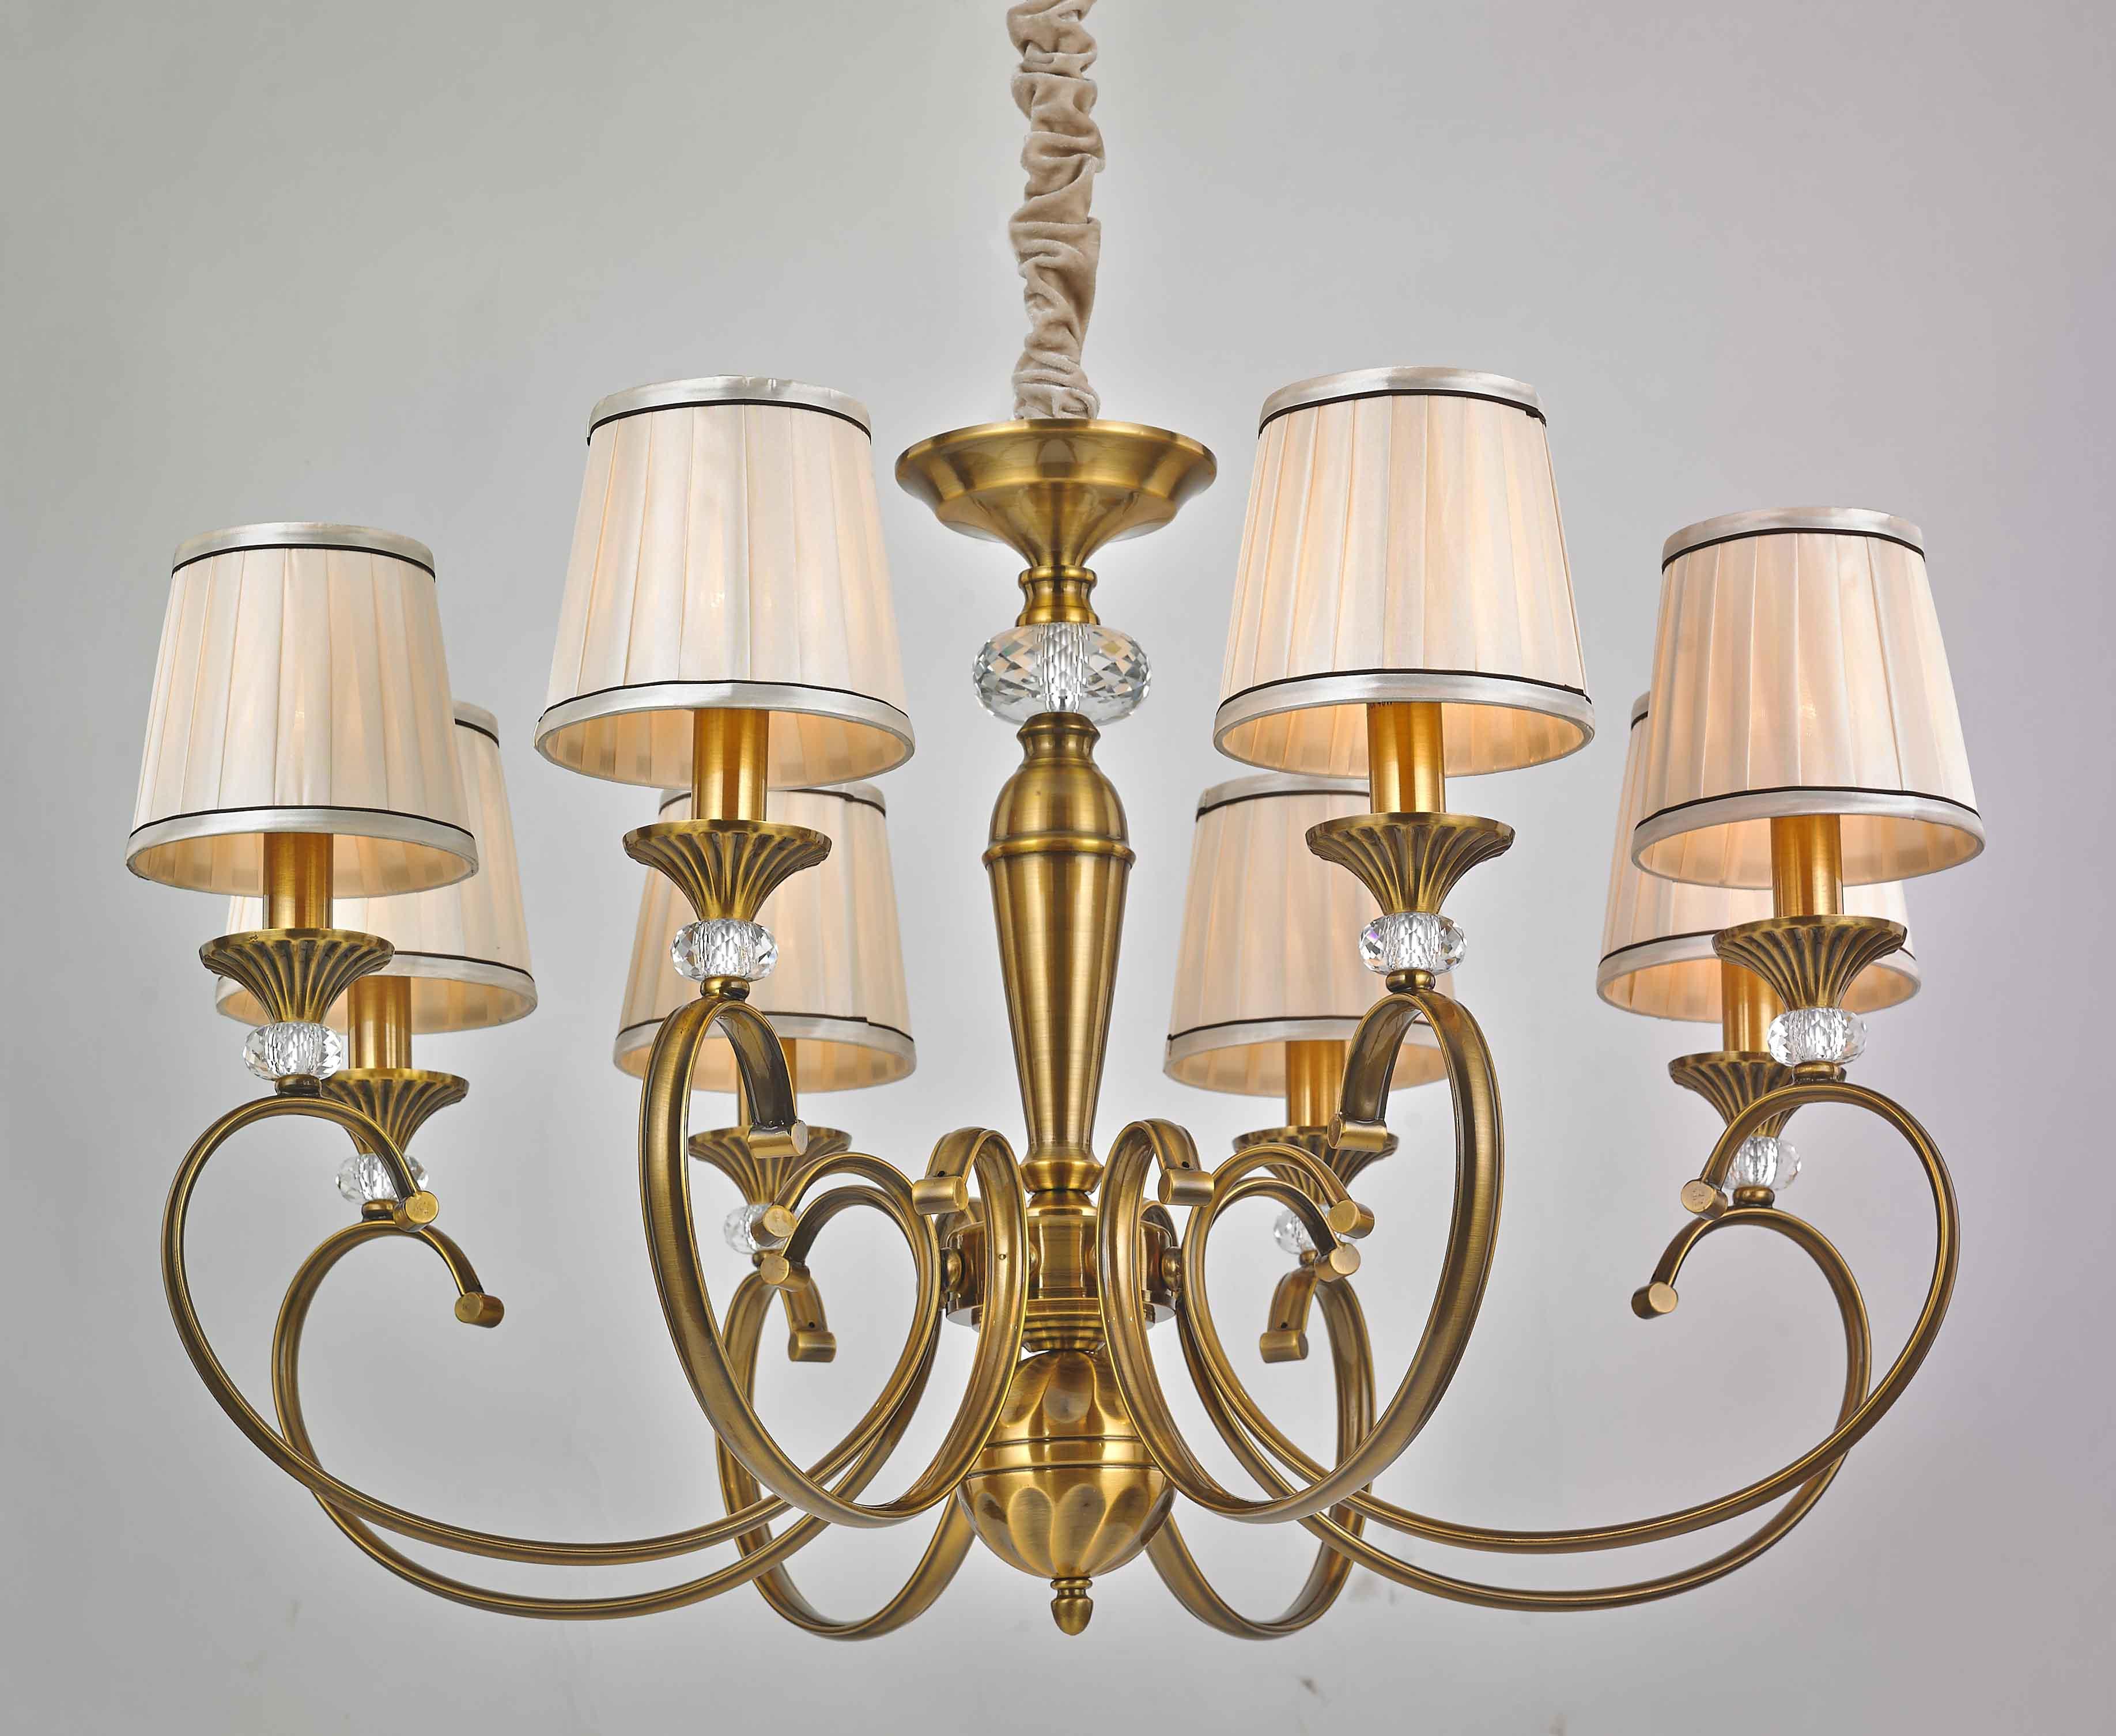 D lampadari a sospensione lampada da parete luci